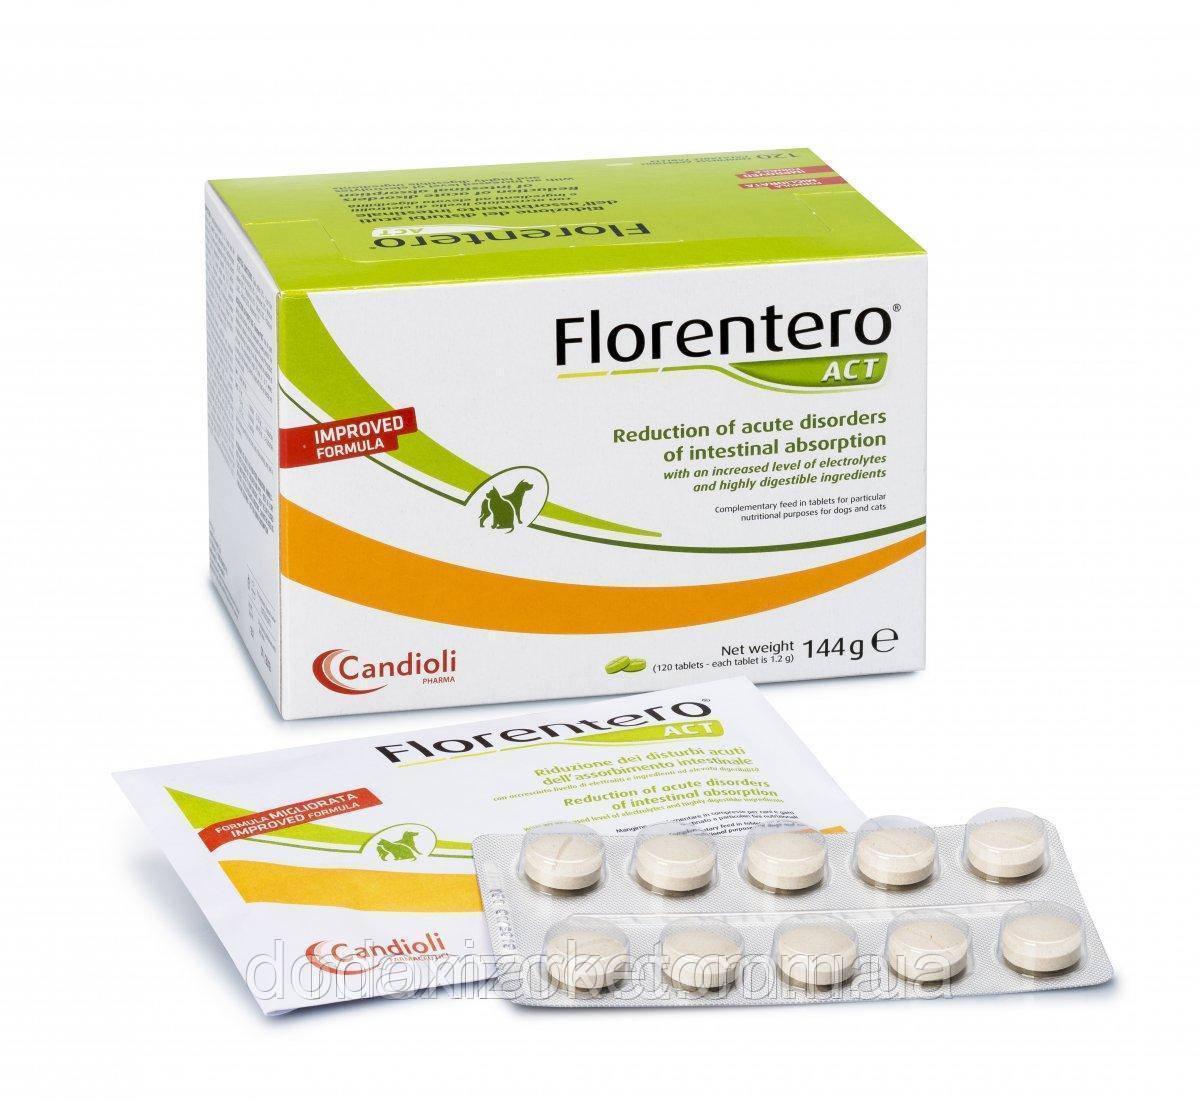 Таблетки Candioli Florentero ACT (10 шт) для нормализации работы желудочно-кишечного тракта животных